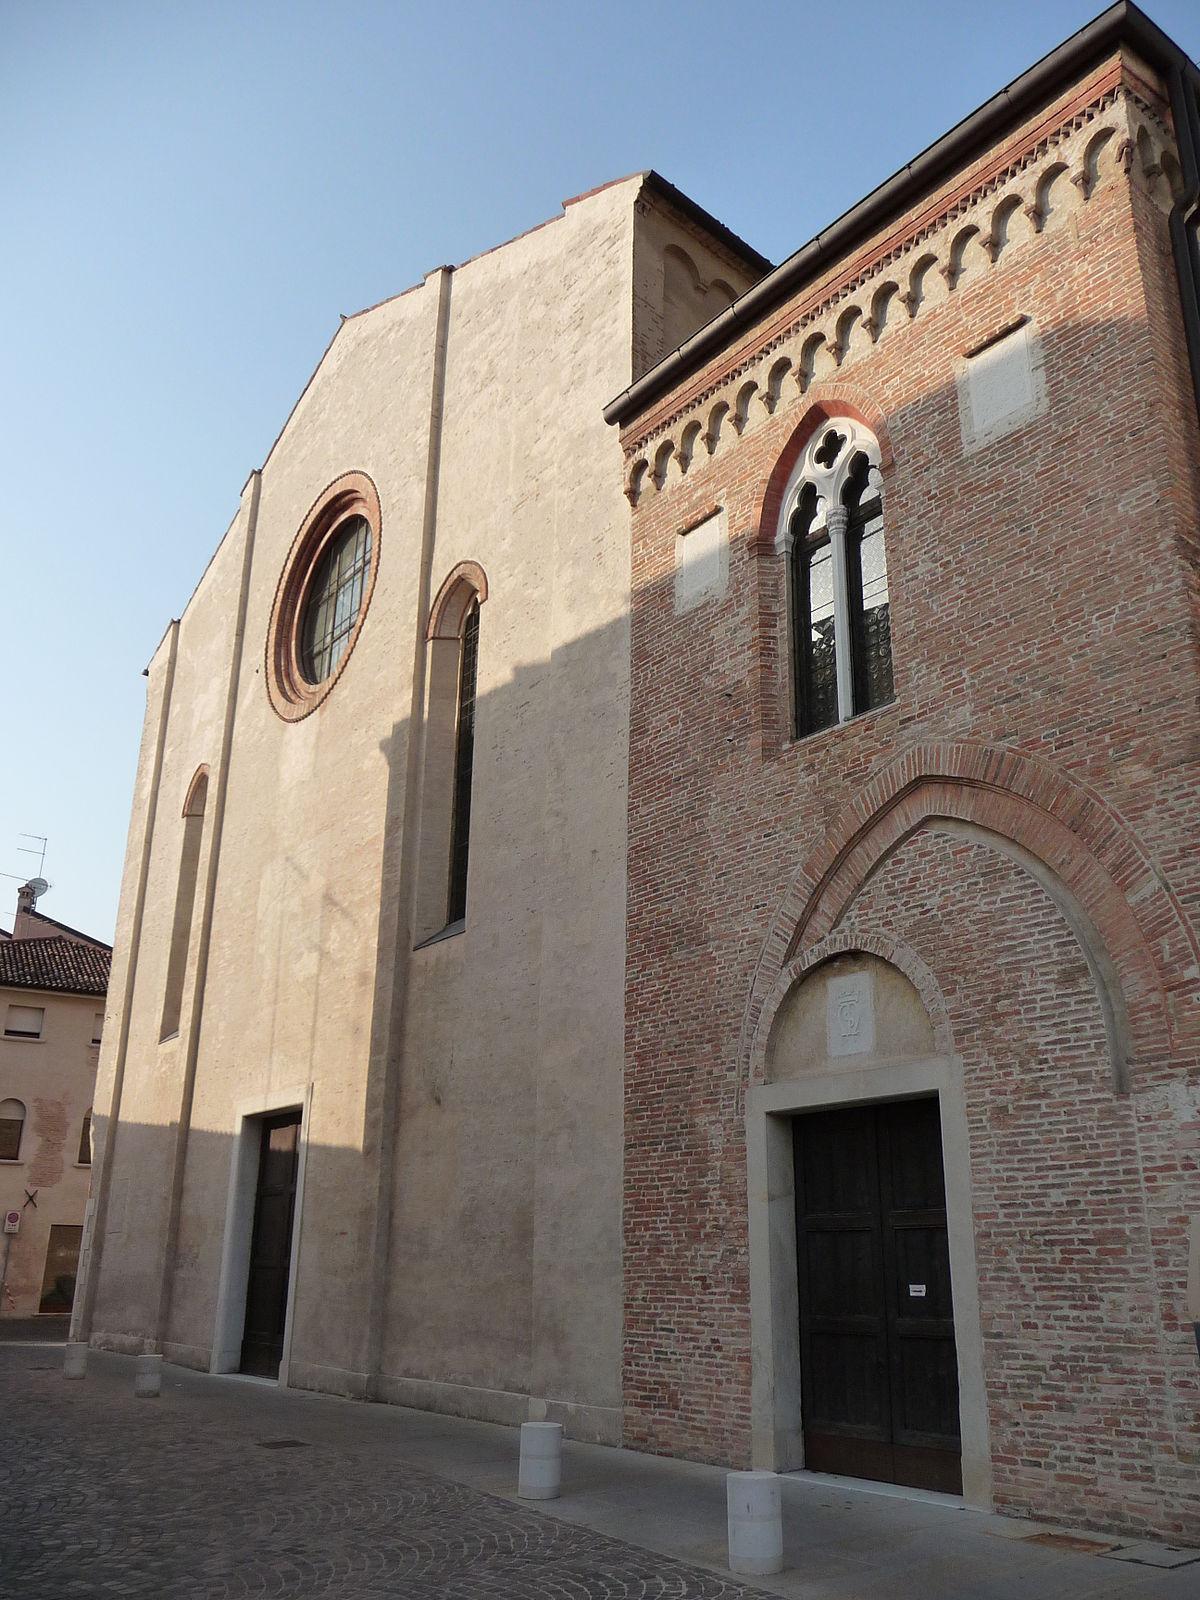 Chiesa Di Santa Caterina Treviso Wikipedia